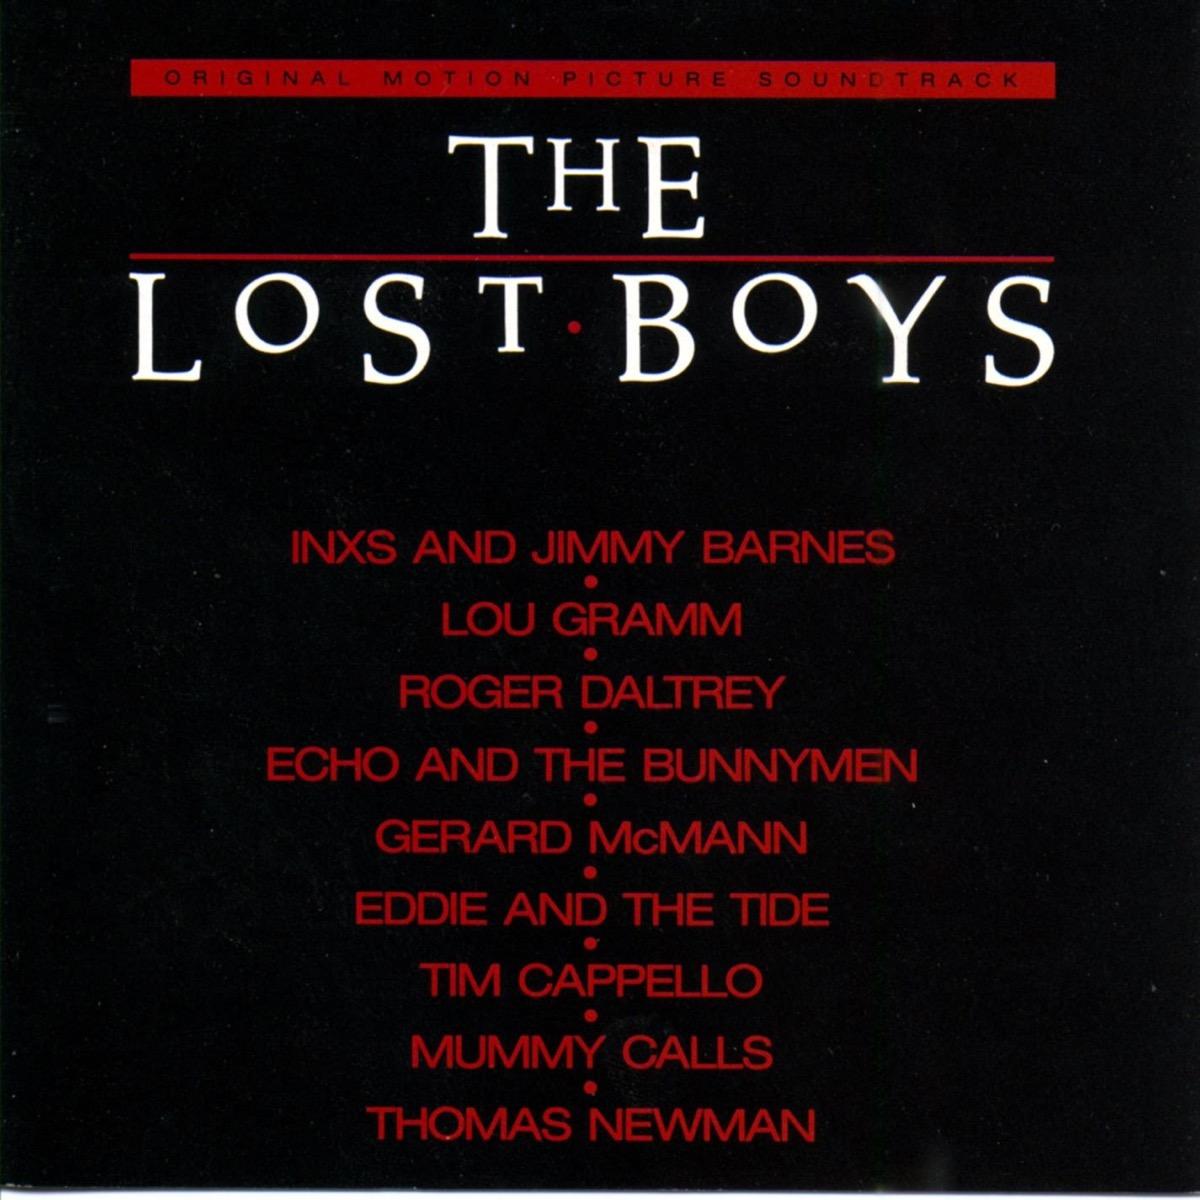 the lost boys movie soundtrack album